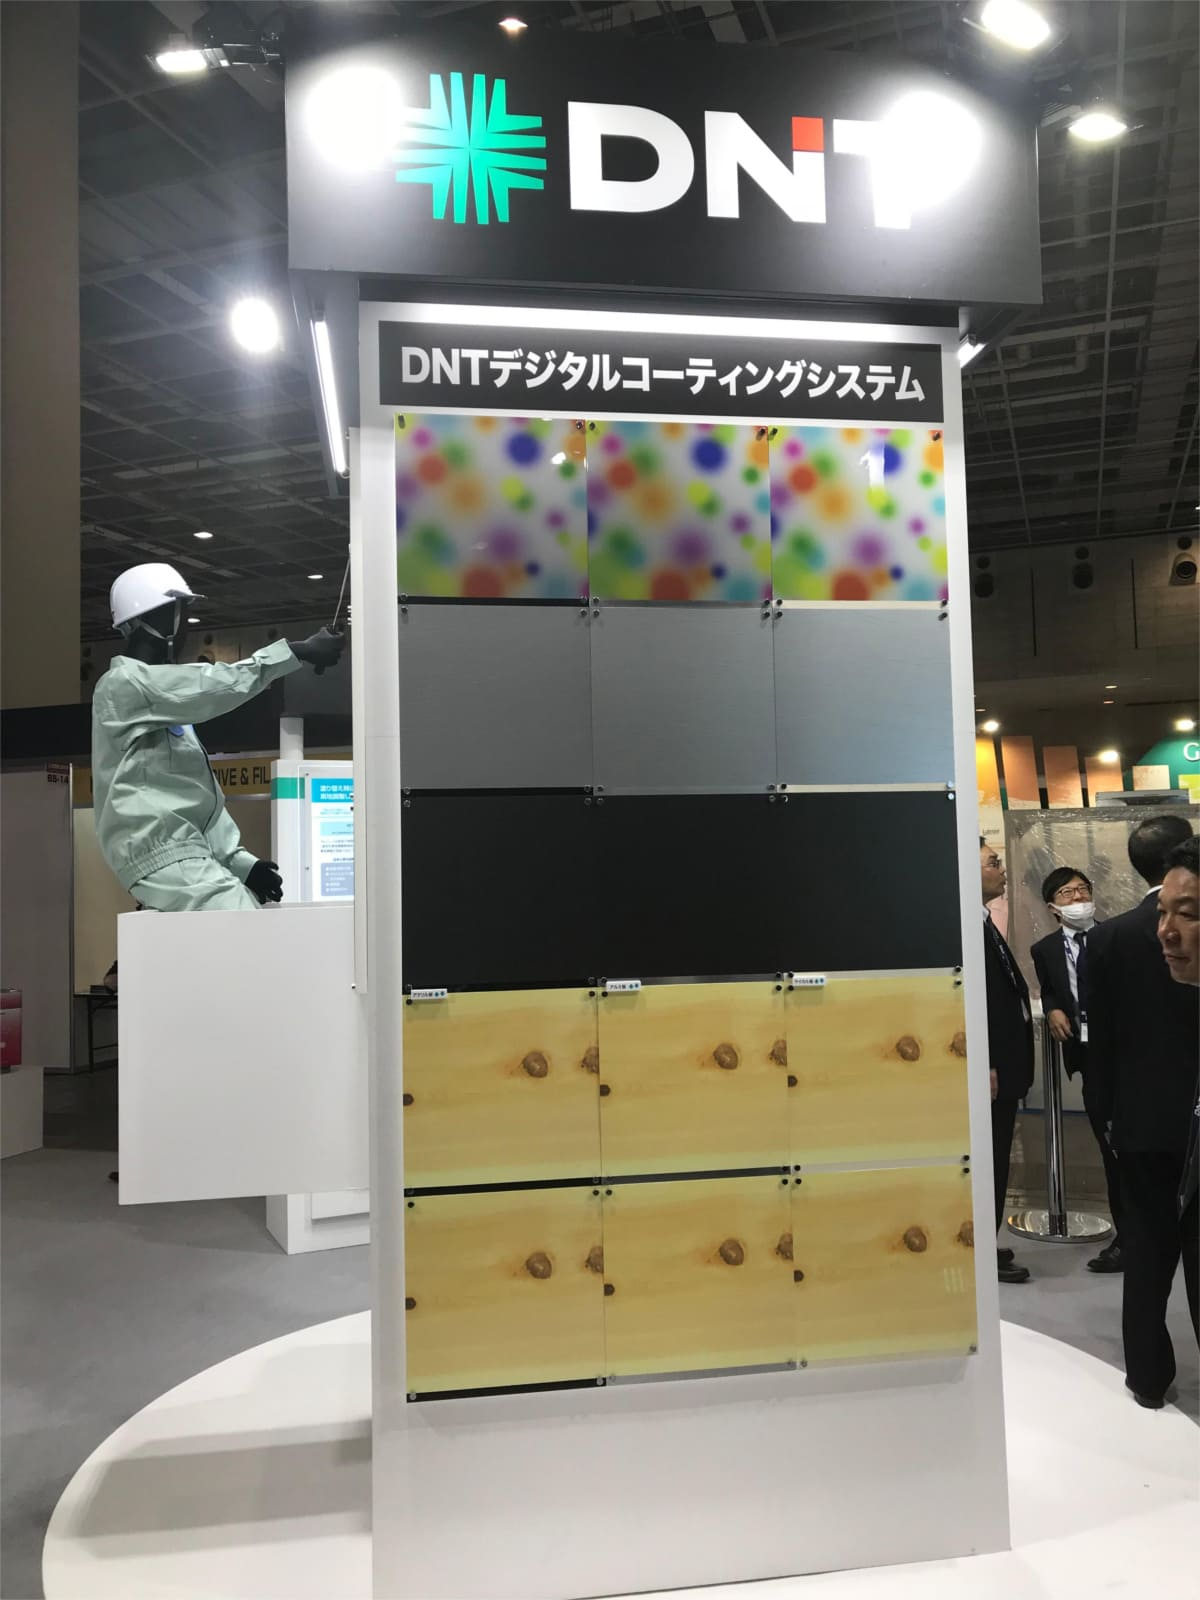 DNTデジタルコーティングシステム@高機能塗料展|DNT